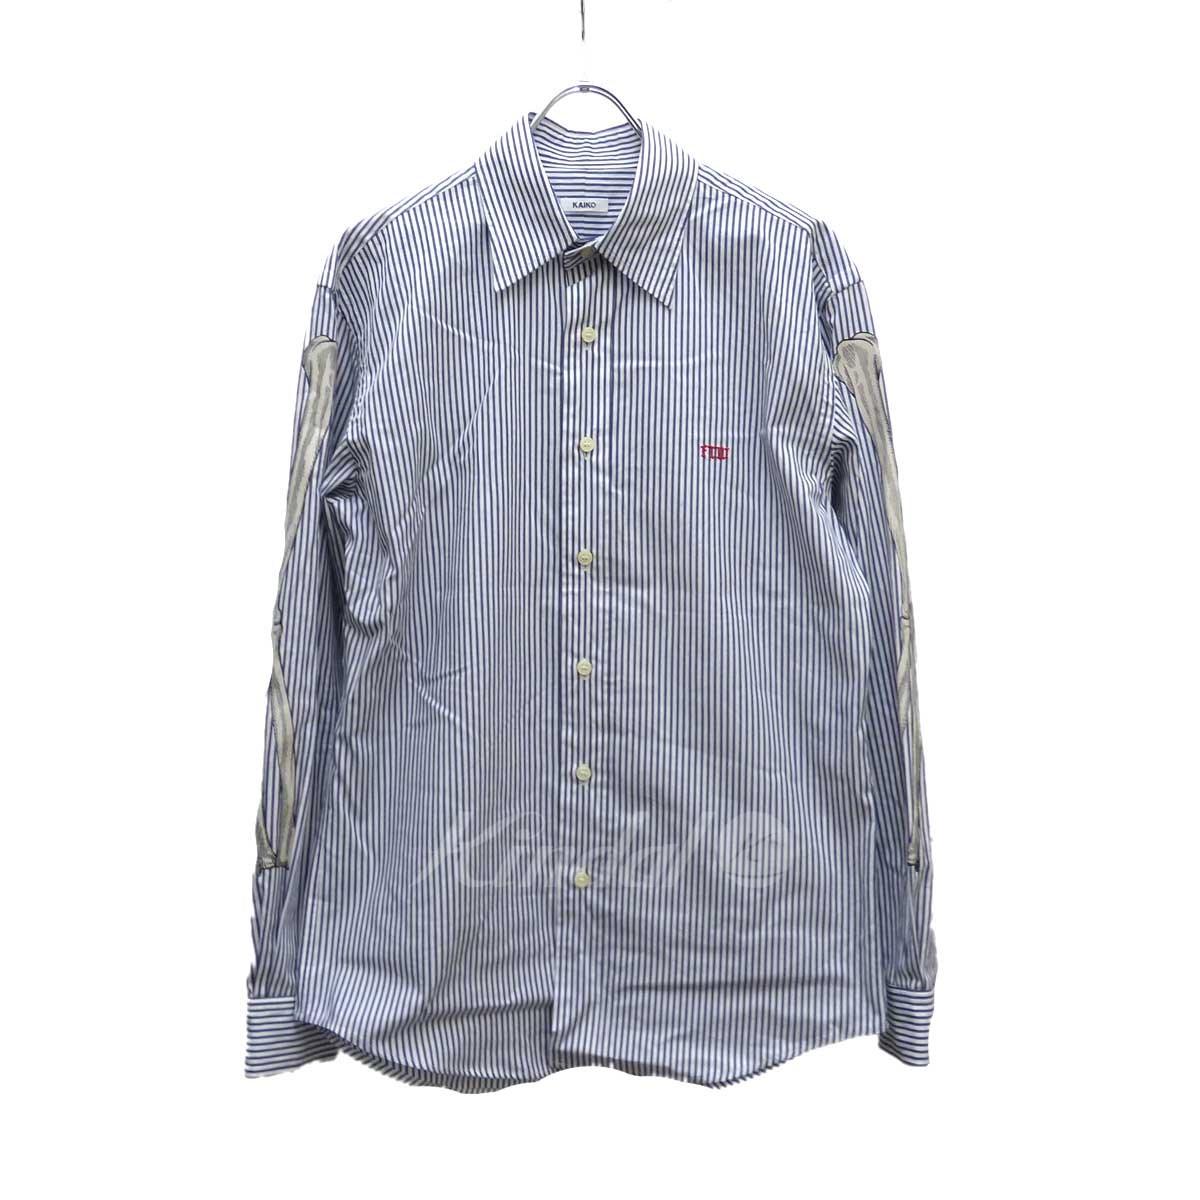 【中古】KAIKO ストライプシャツ ネイビー×ホワイト サイズ:2 【送料無料】 【231018】(カイコー)